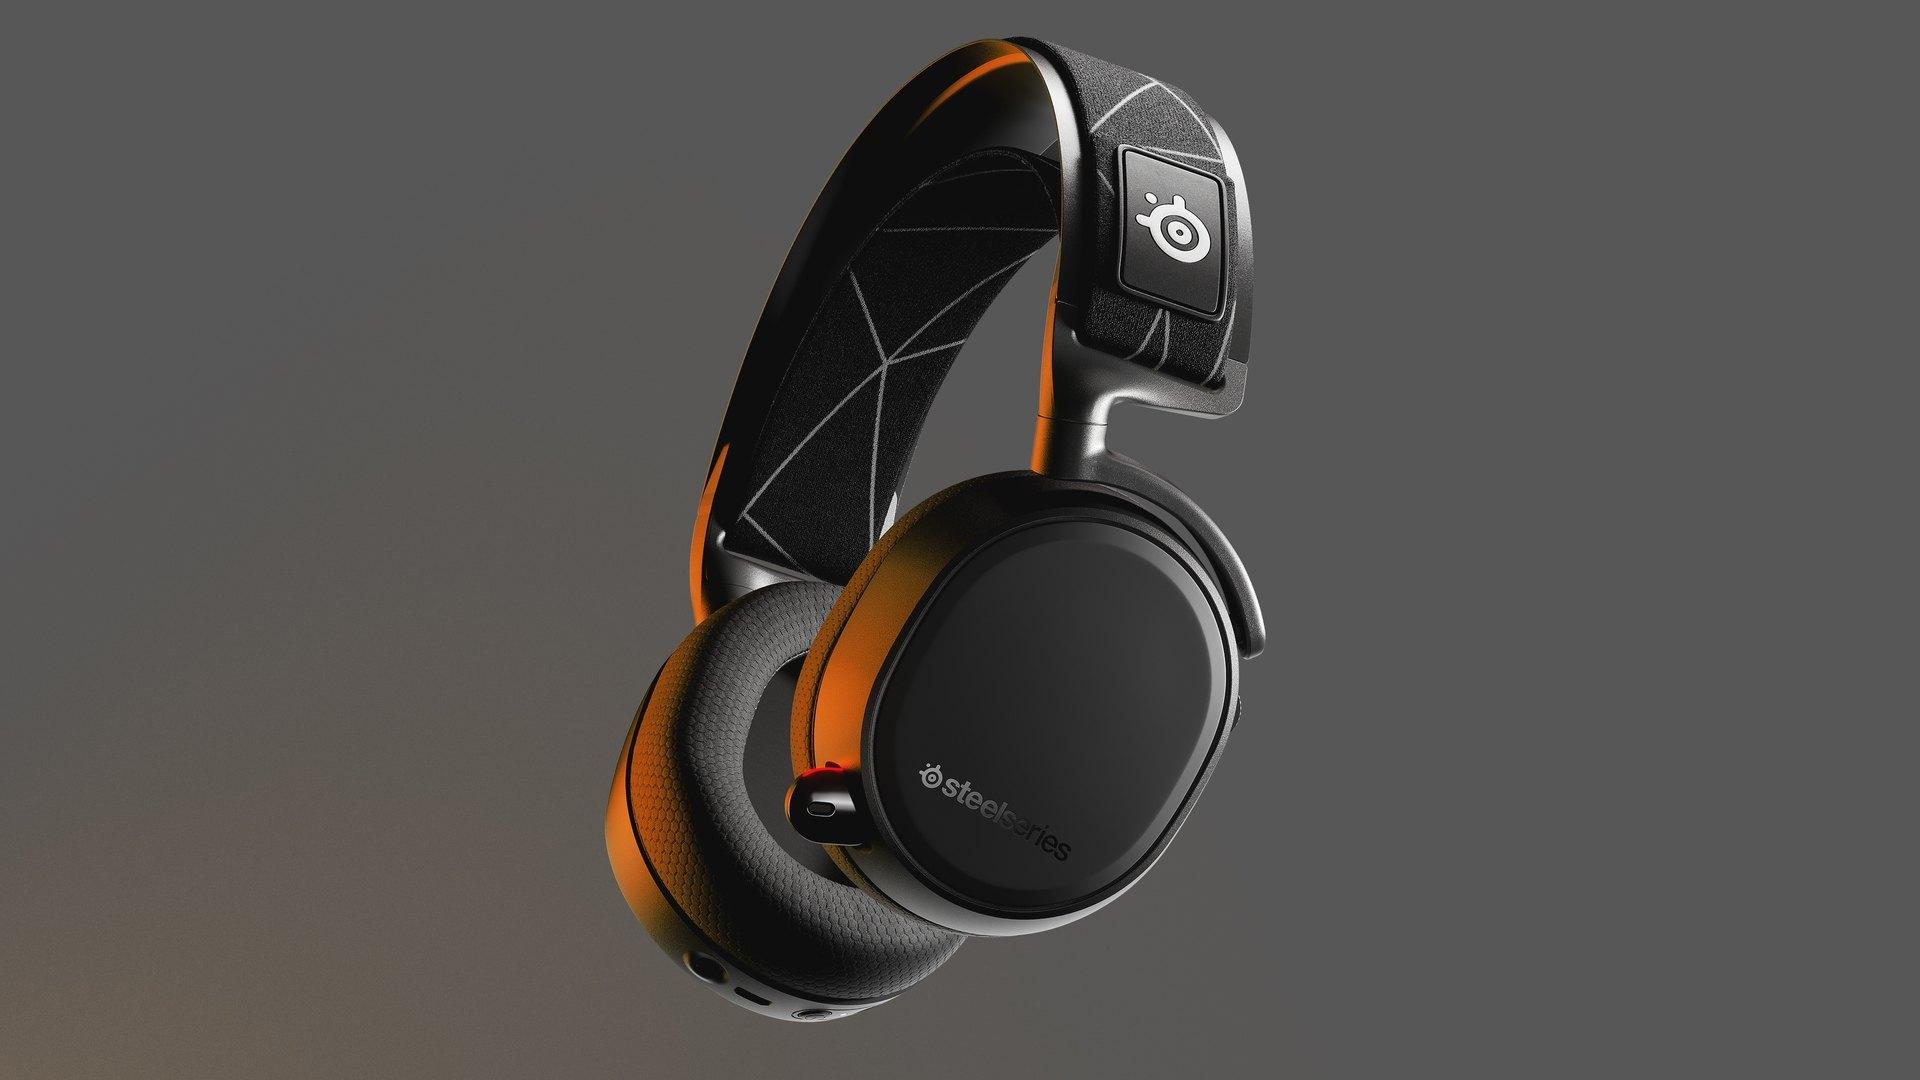 Arctis 9 headset med utmärkelse för bästa sortimentet av gamingheadsets